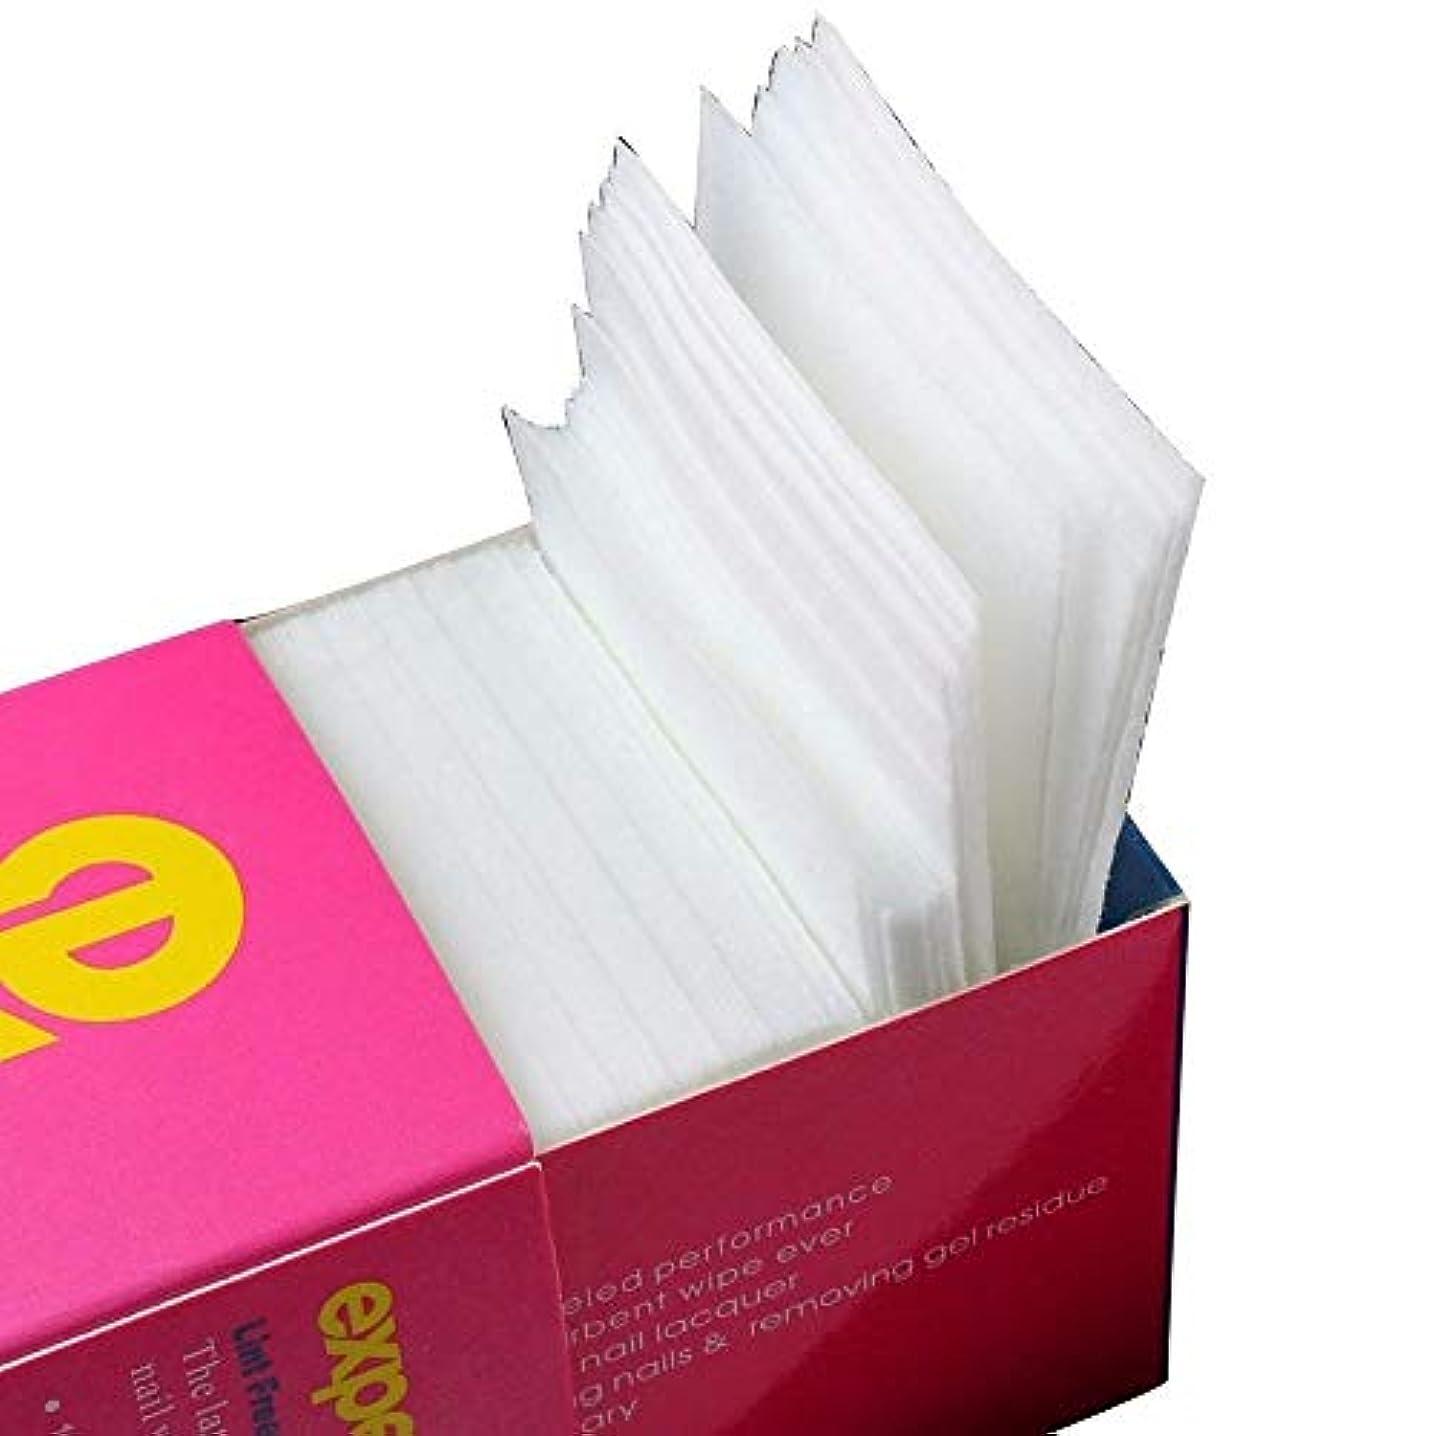 村徹底に関して1st market 大人気 ネイル ワイプ コットン 天然素材 不織布 ジェルの拭き取り 油分除去 クリーニング 320枚以上 高品質